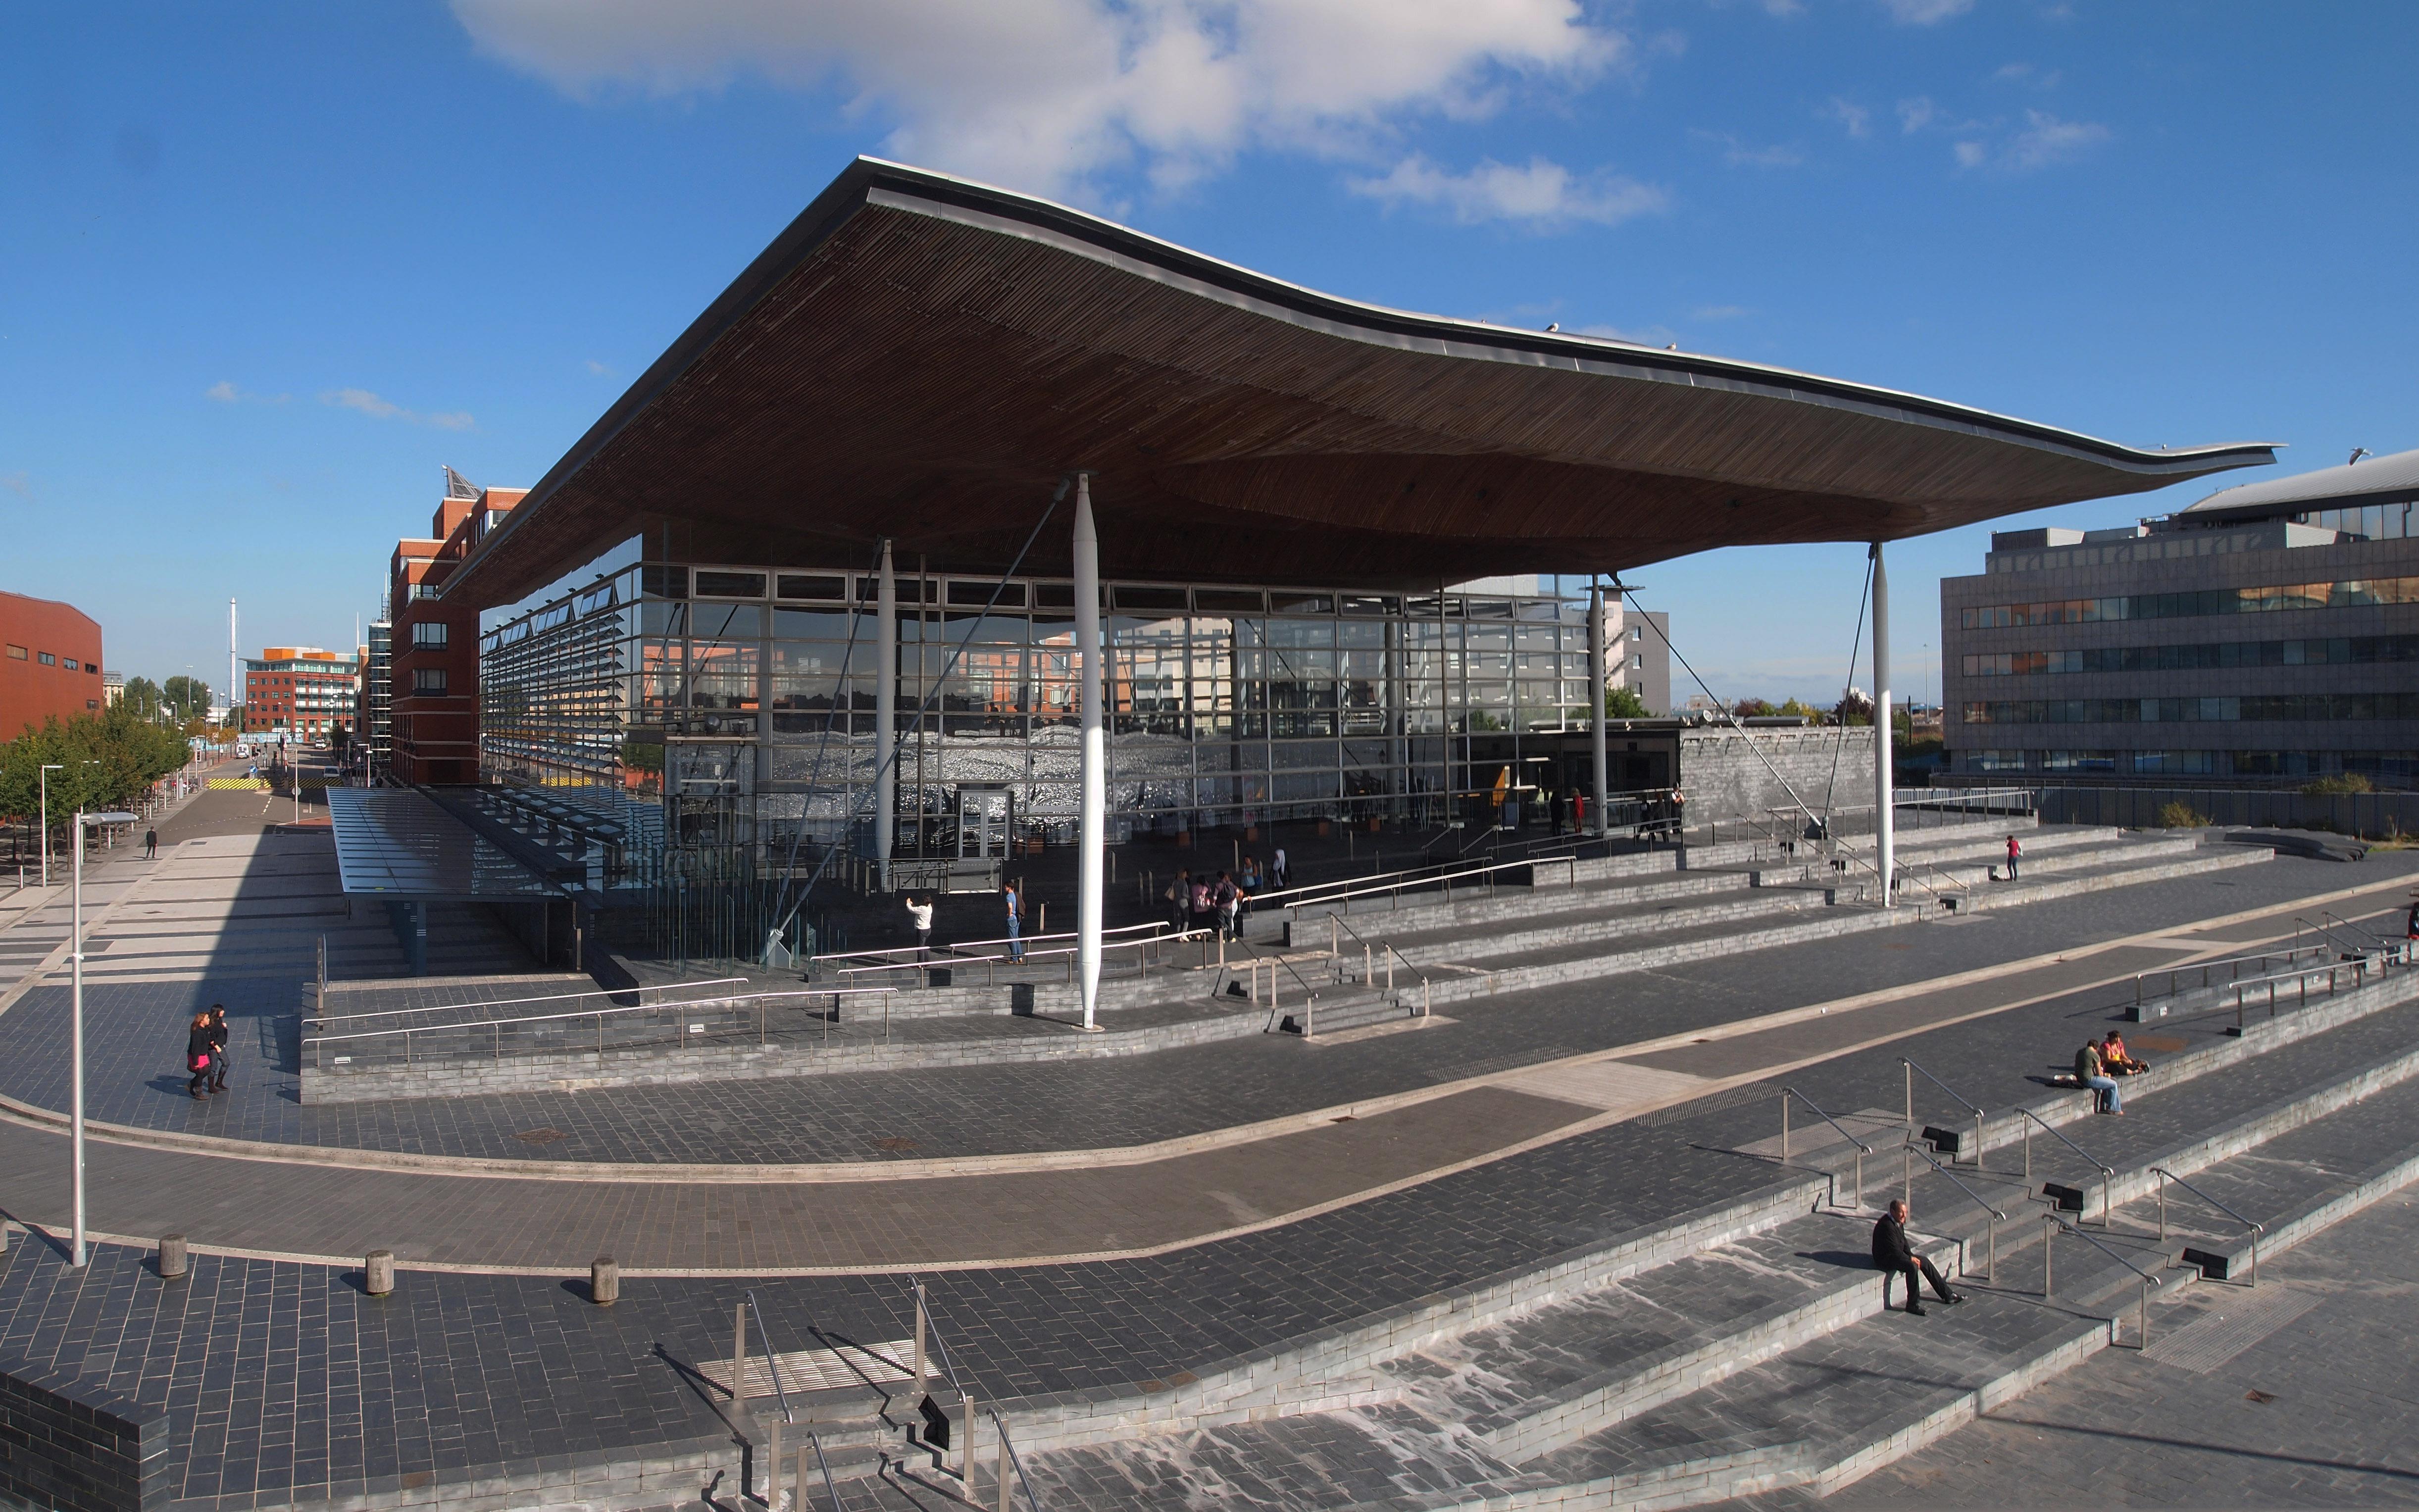 Senedd__Welsh_parliament__Cardiff_Bay_(1).jpg